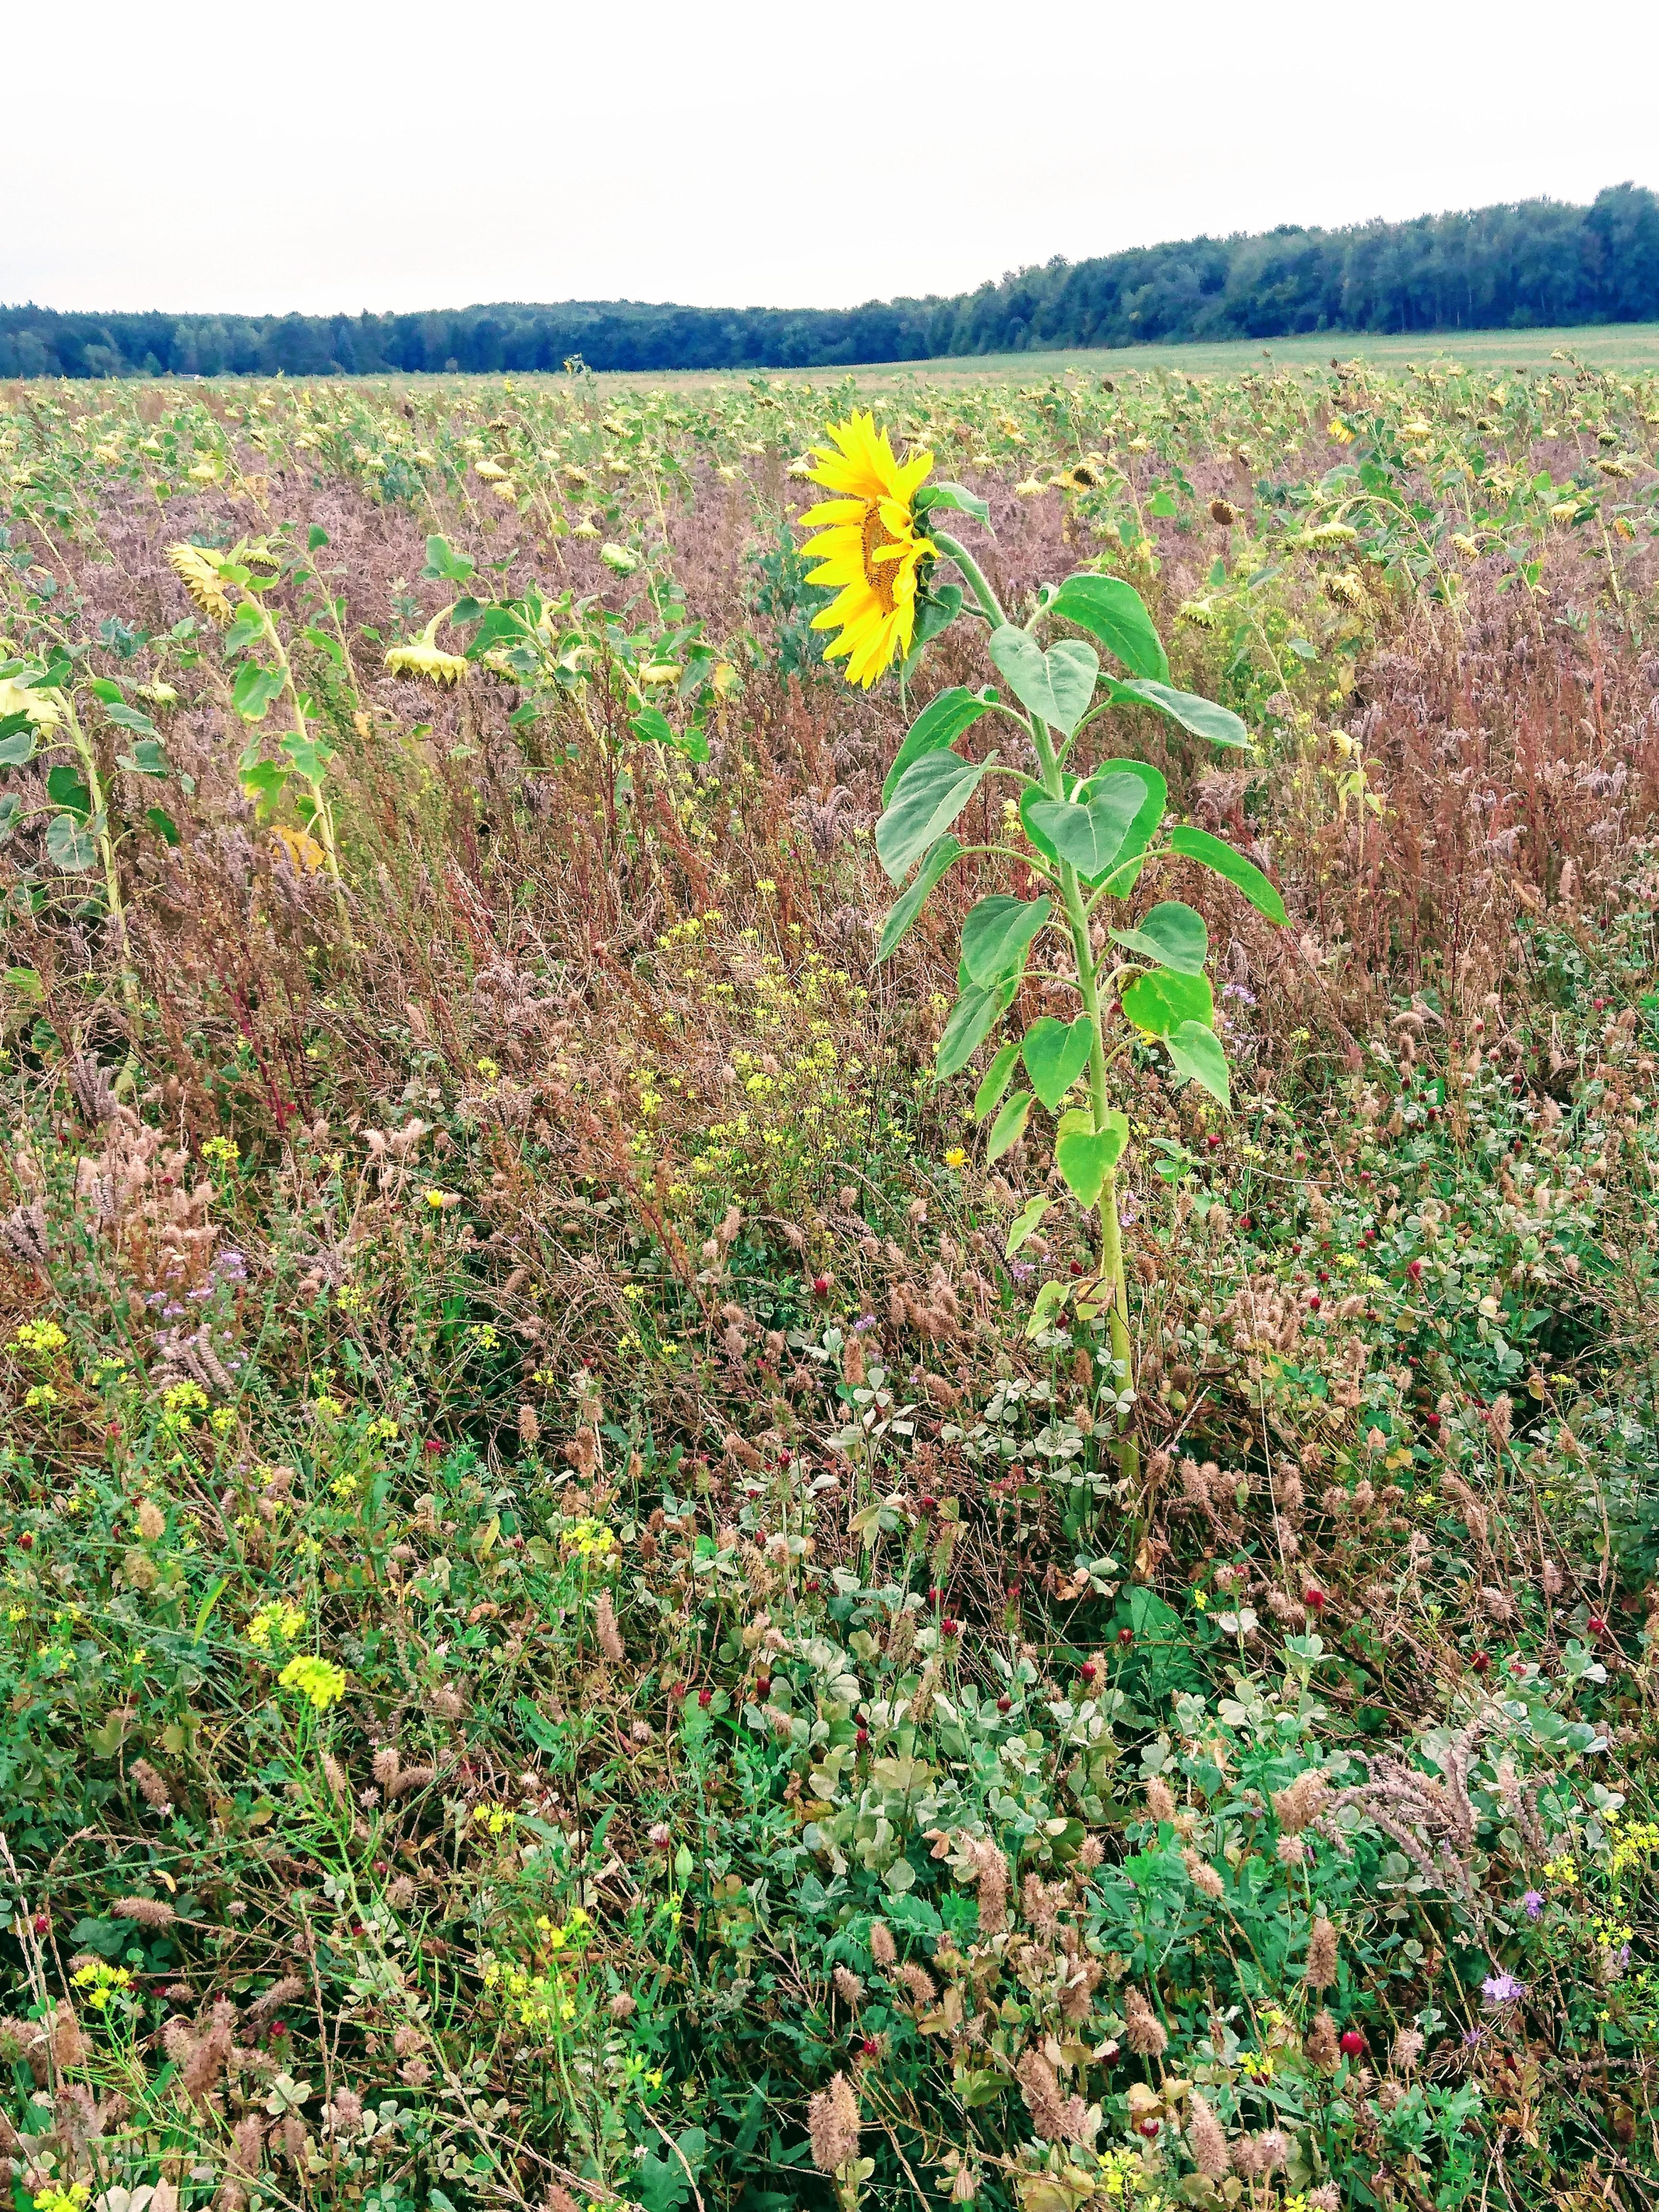 Übergänge: letzte Sonnenblume